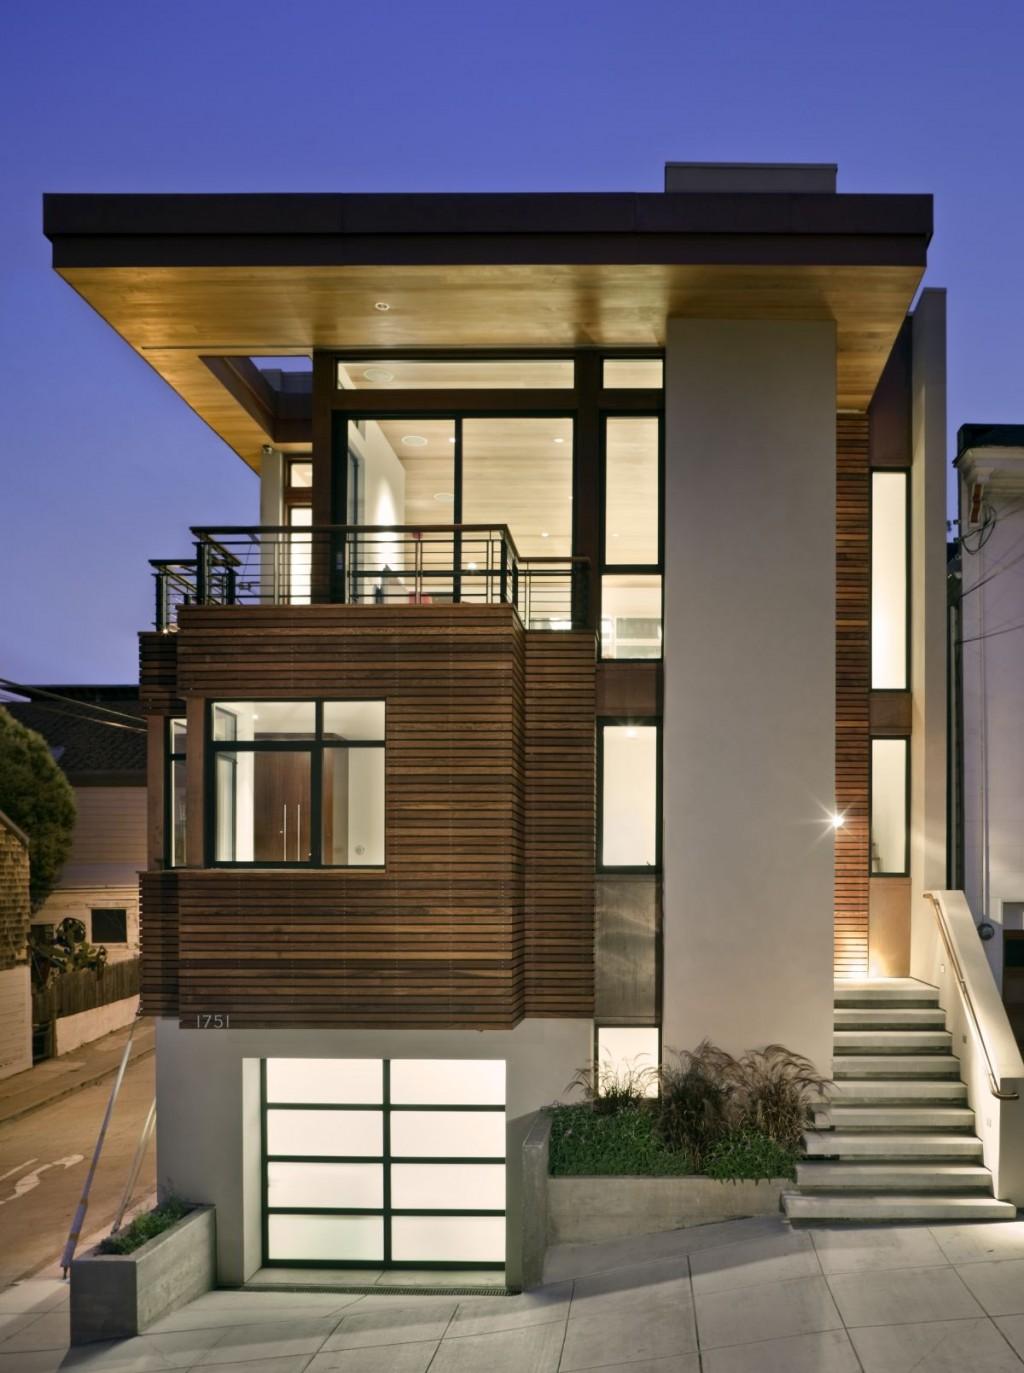 Foto Rumah Minimalis Elegan 2 Lantai Desain Rumah Minimalis